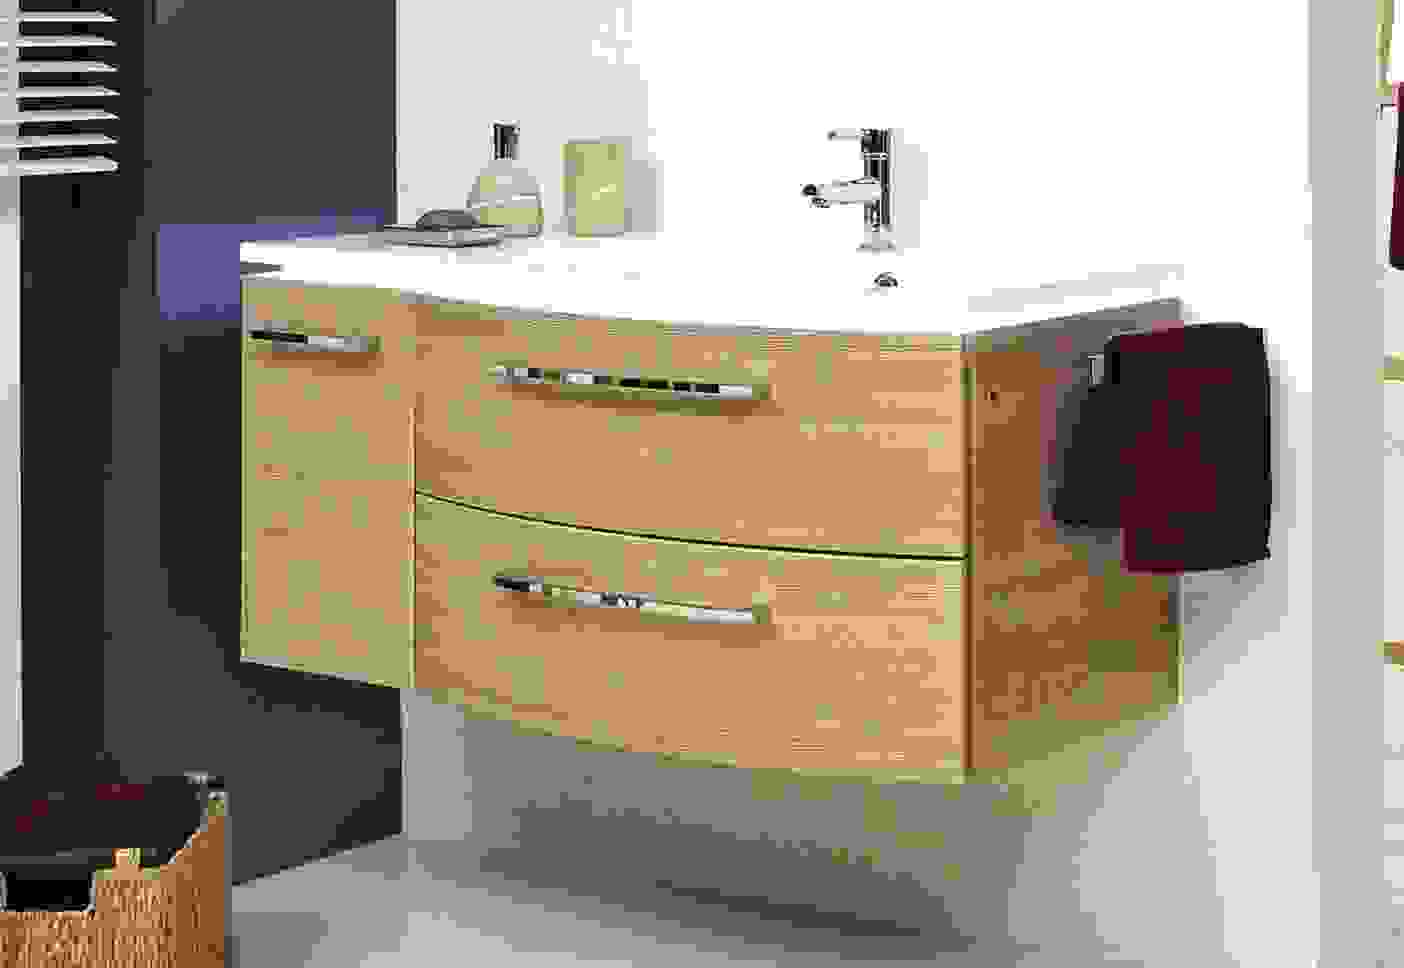 Bad Unterschrank Hangend Rheumri Waschbecken Mit 40 Cm Tief Von von Waschbecken Mit Unterschrank 40 Cm Tief Bild